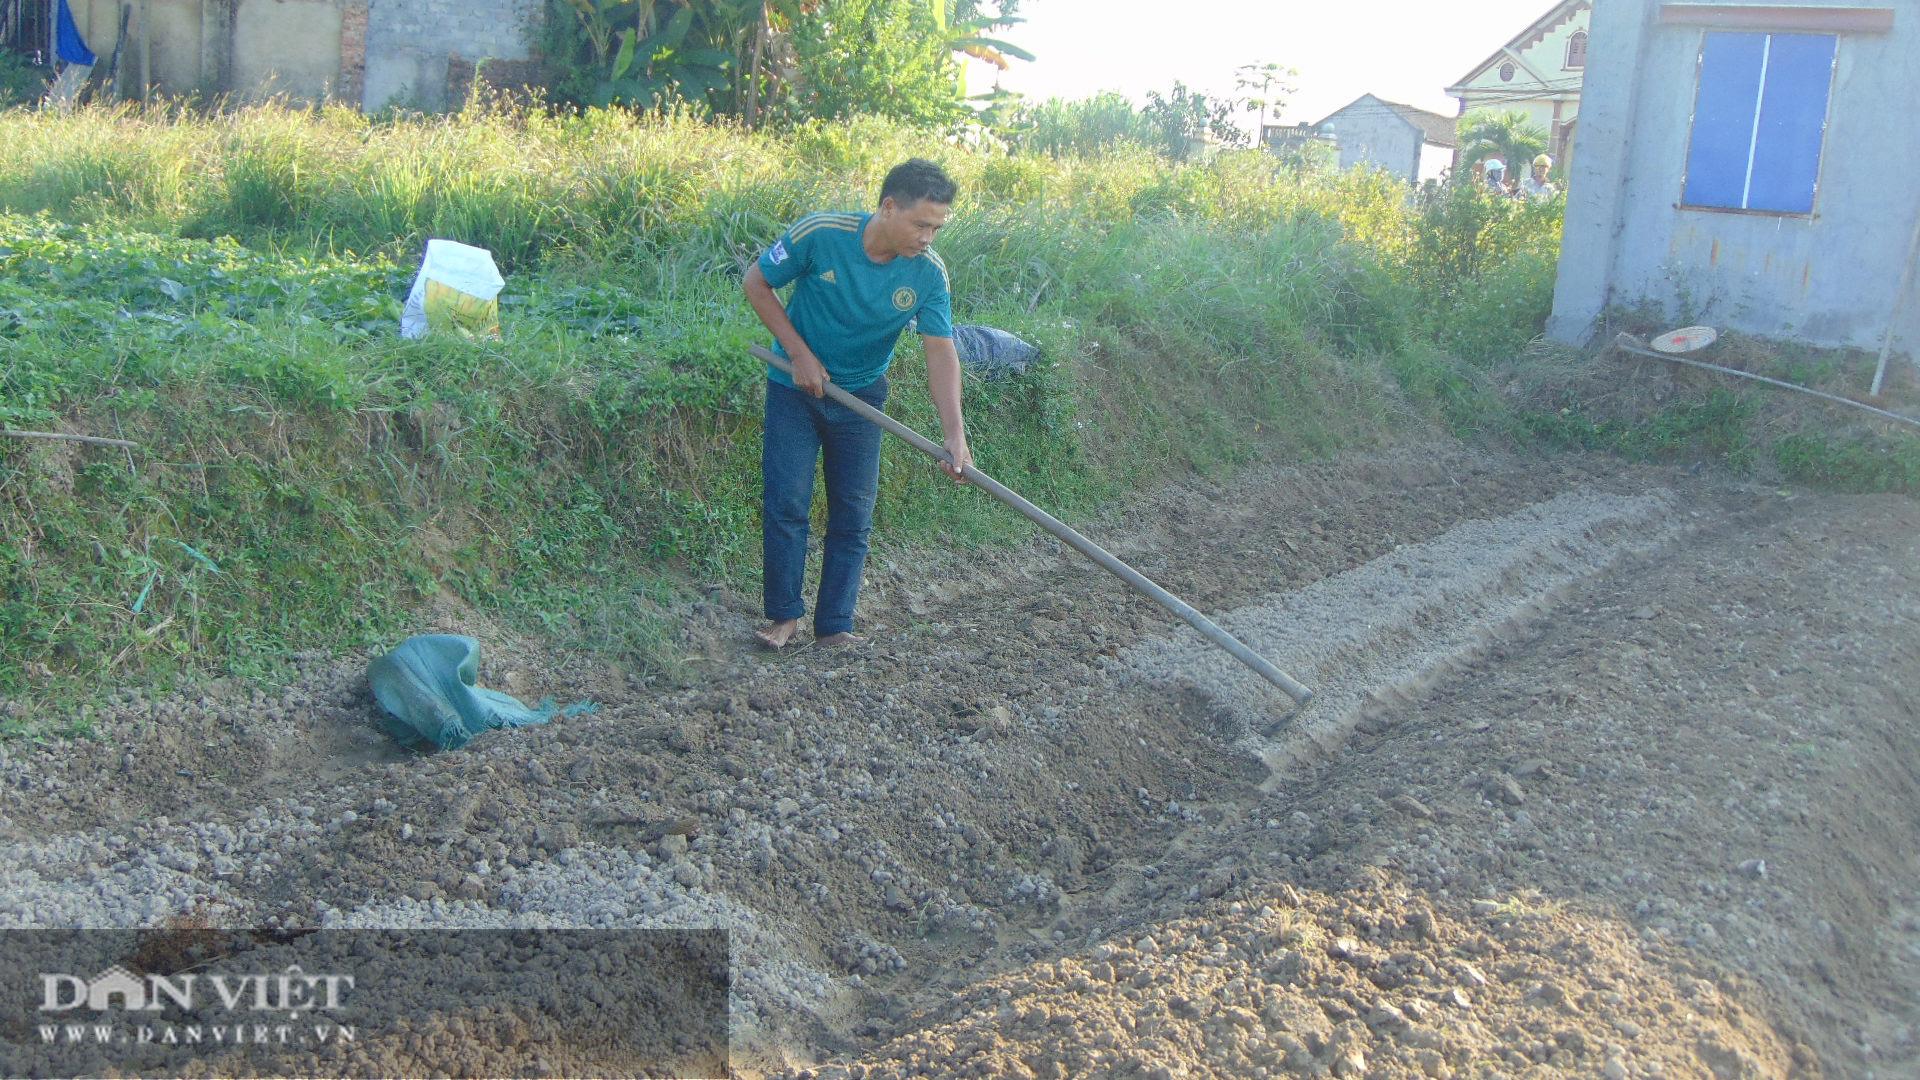 Trồng rau an toàn, nữ giám đốc 8x Thái Nguyên kiếm vài chục triệu đồng mỗi tháng - Ảnh 3.